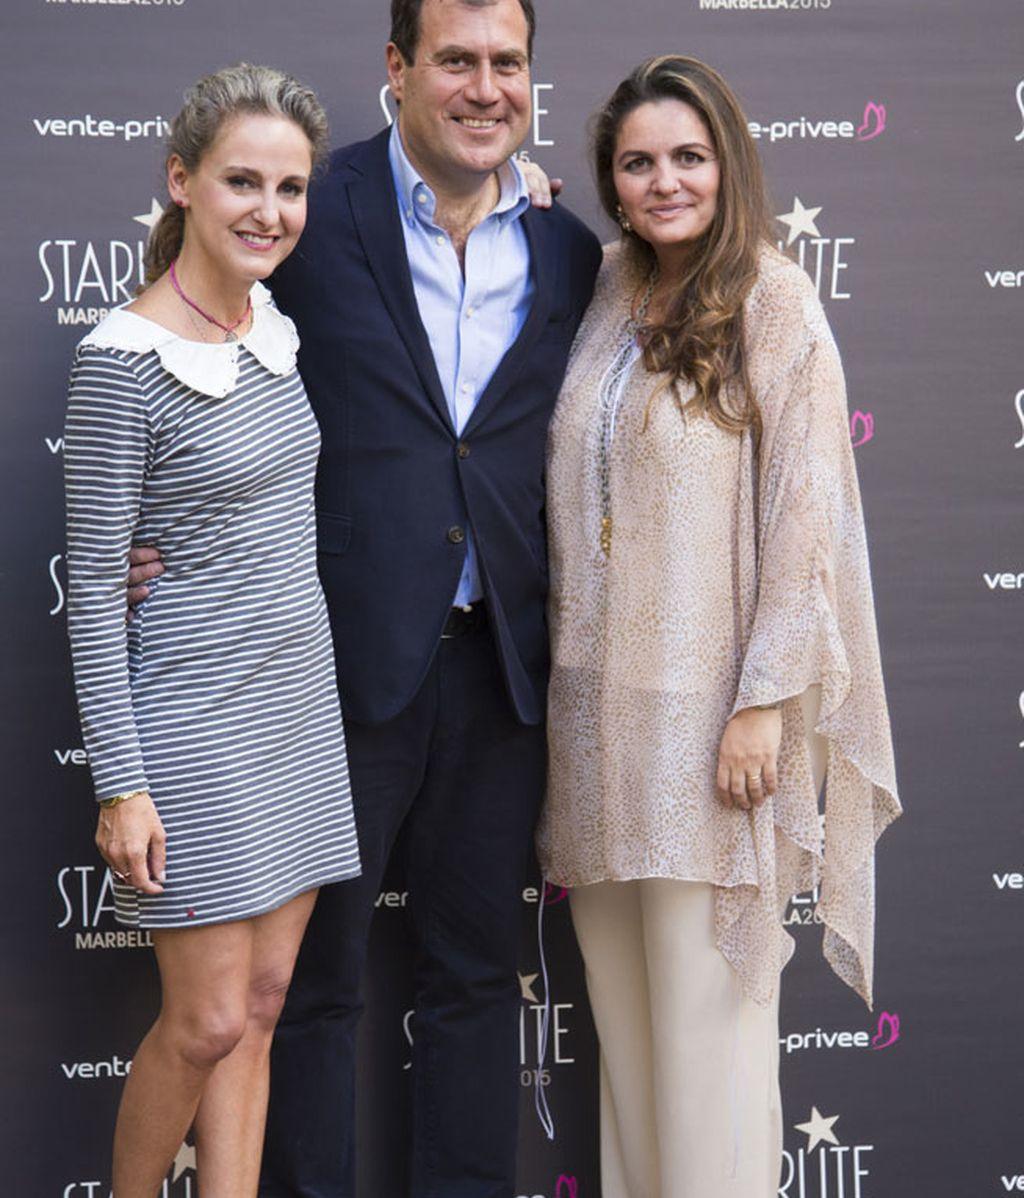 El director de 'Vente-Privee' junto a Carla Royo Villanova y G.Sanjuán